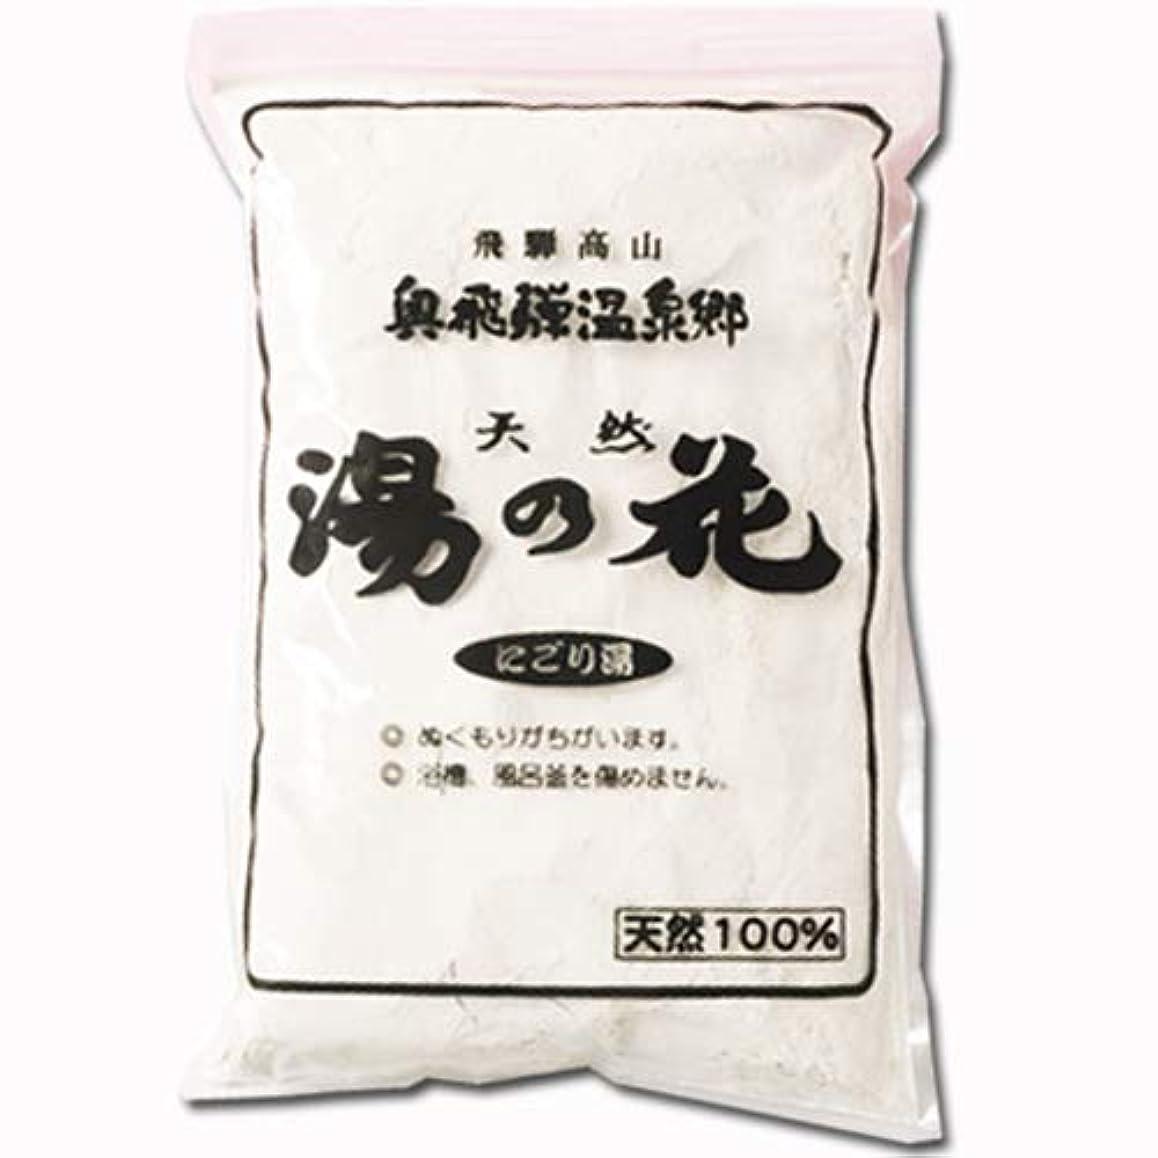 ひどく週末日曜日天然湯の花 (業務用) 1kg (飛騨高山温泉郷 にごり湯)